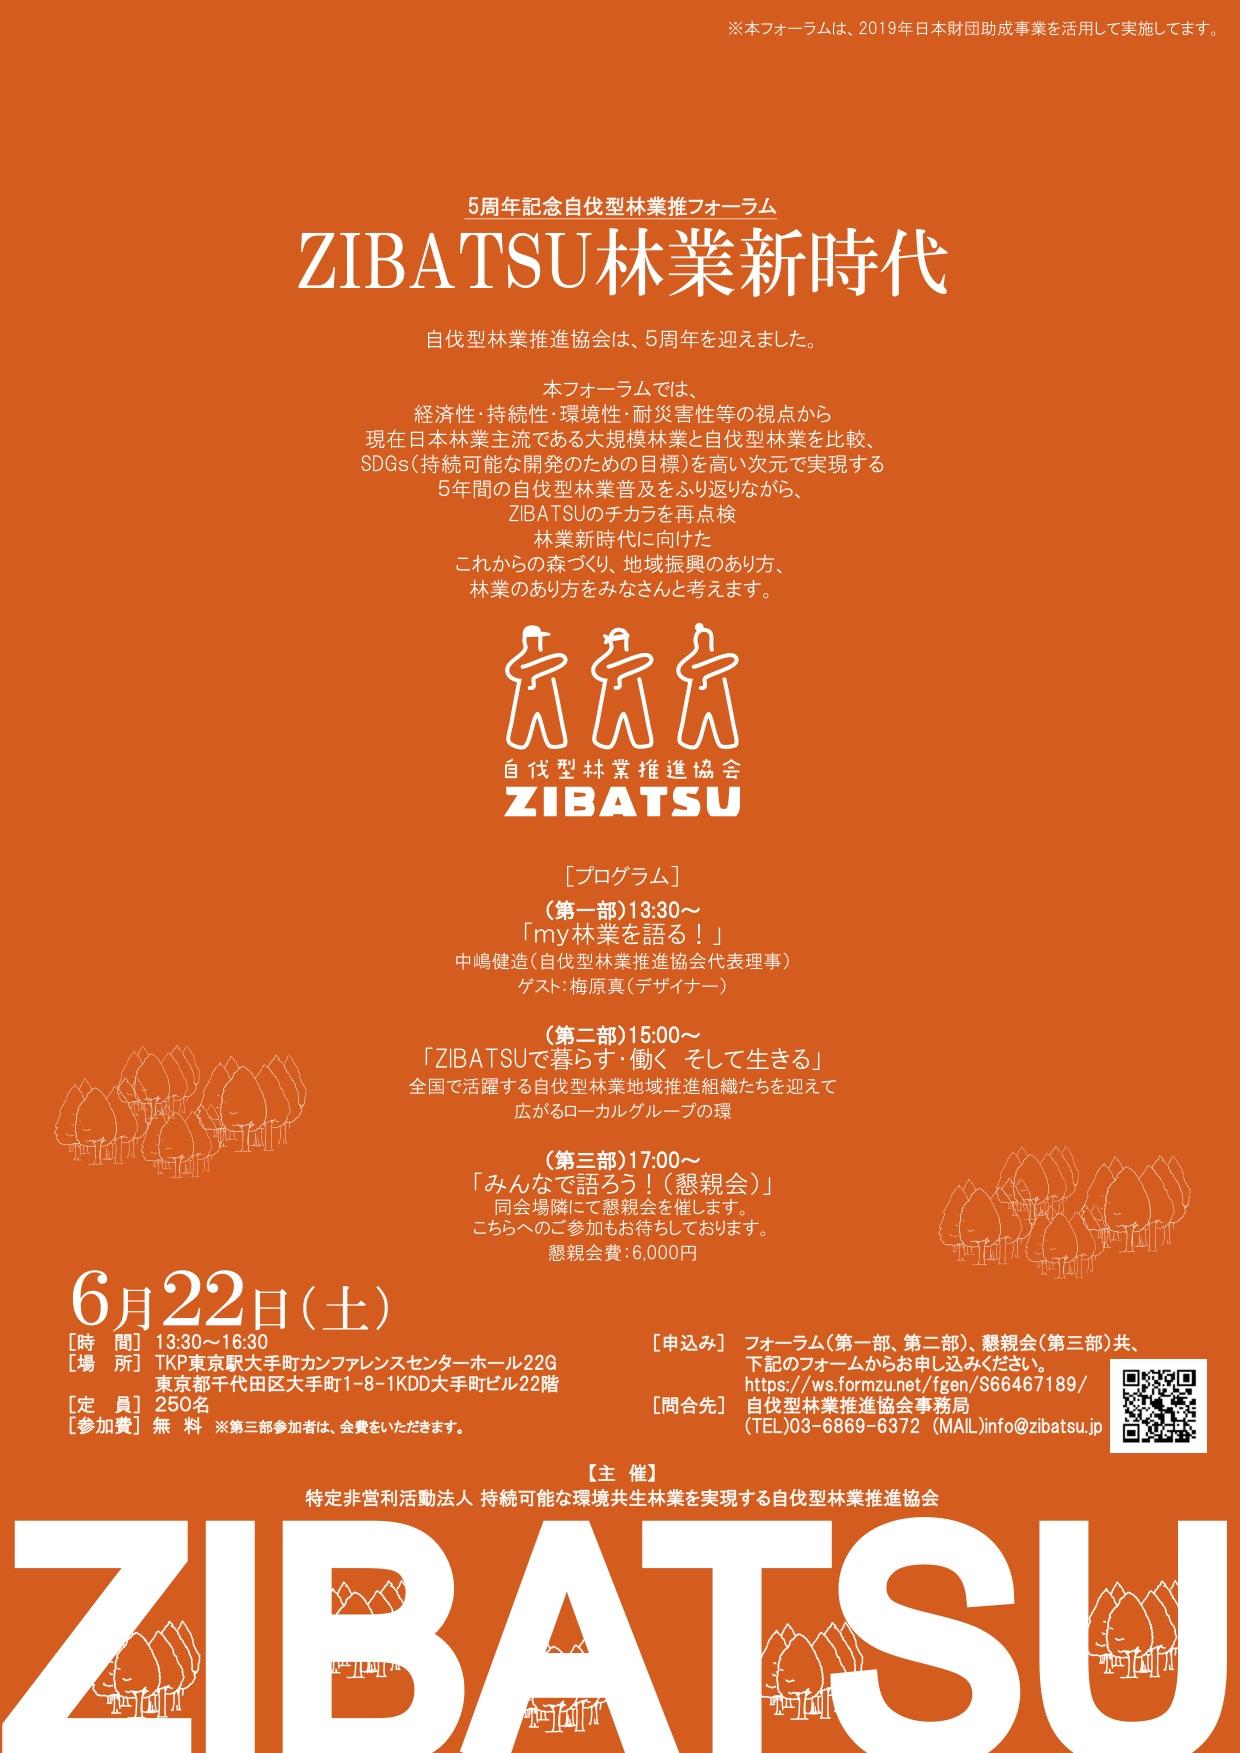 6月22日に「ZIBATSU林業新時代」5周年記念自伐型林業推進フォーラム開催します。